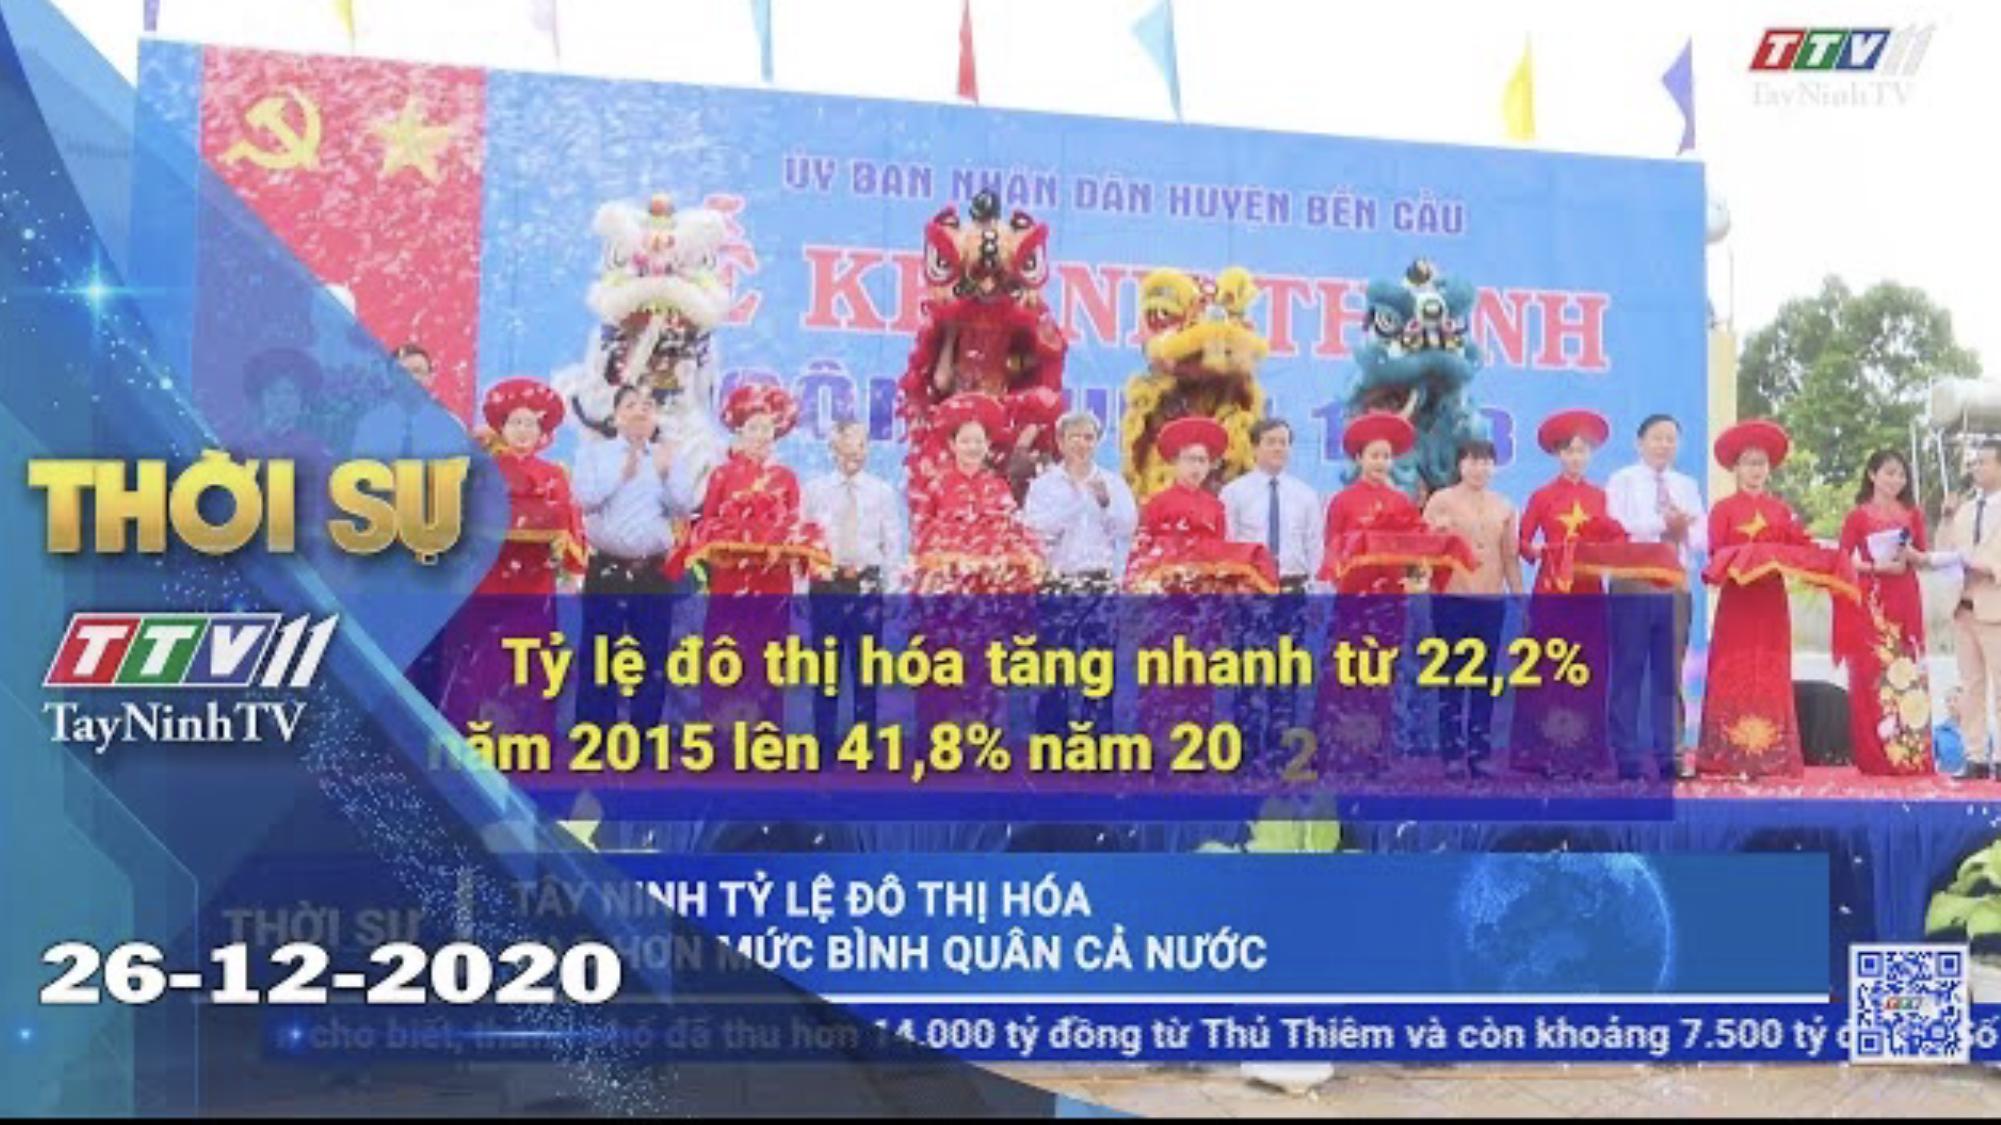 Thời sự Tây Ninh 26-12-2020 | Tin tức hôm nay | TayNinhTV